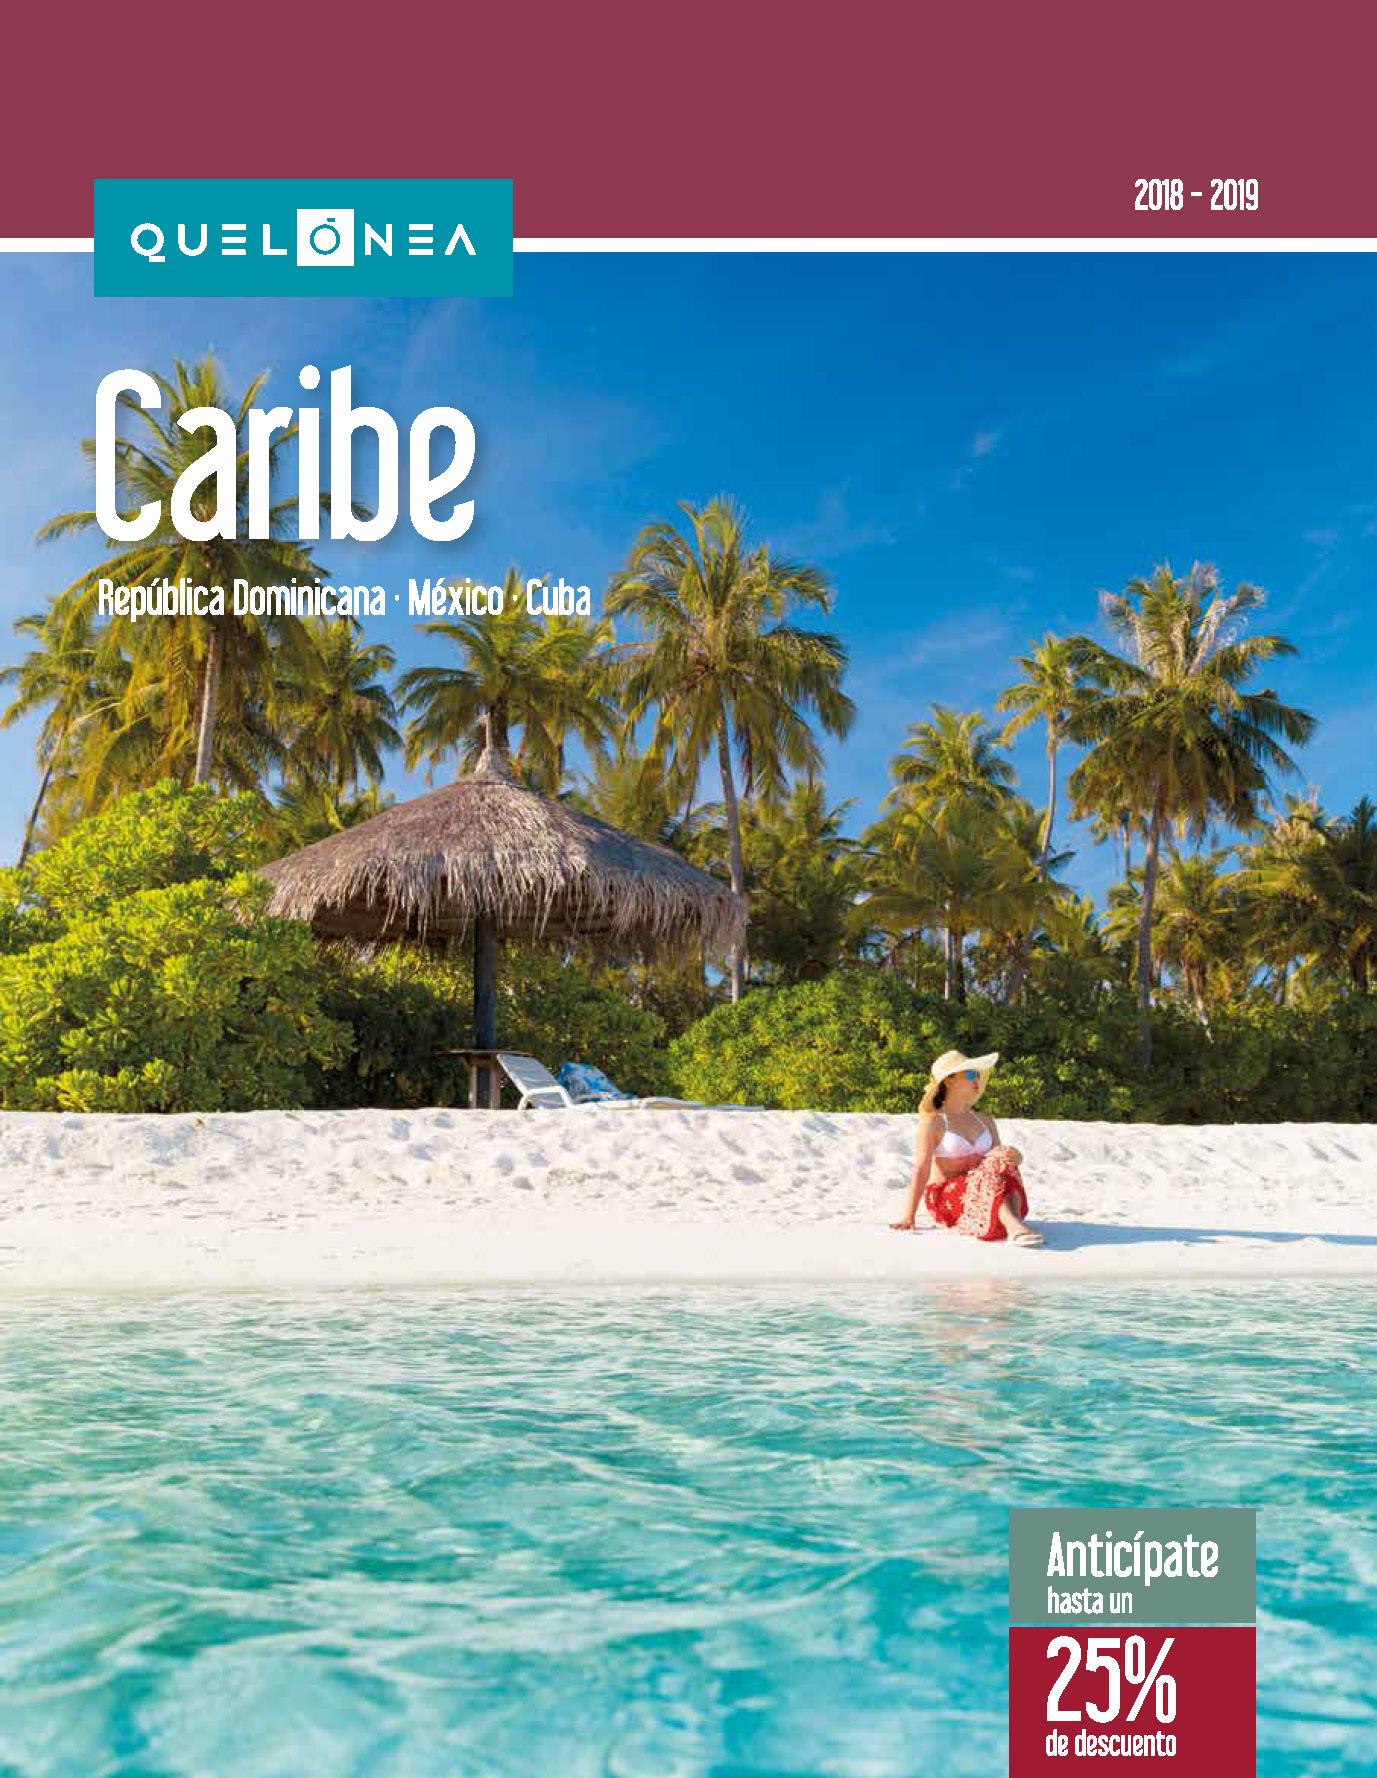 Catalogo Quelonea Caribe 2018-2019